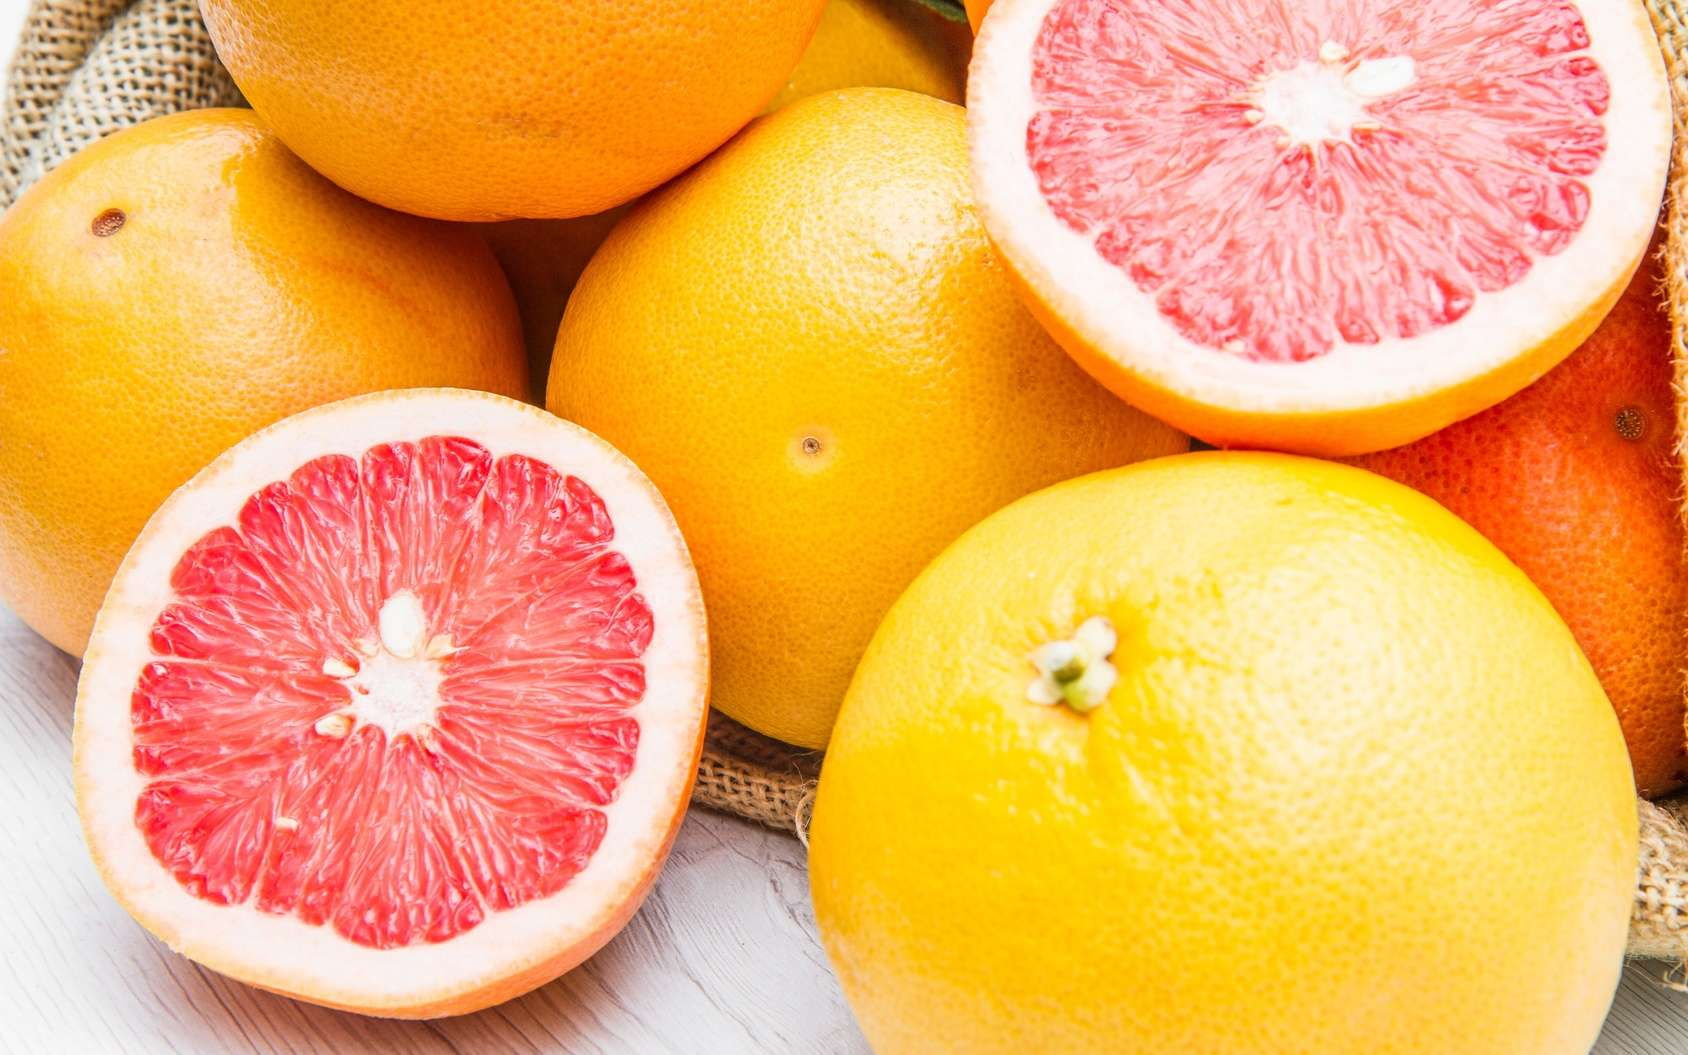 Un pamplemousse chaque jour apporte de la vitamine C utile pour lutter contre les infections. © Lsantilli, Fotolia